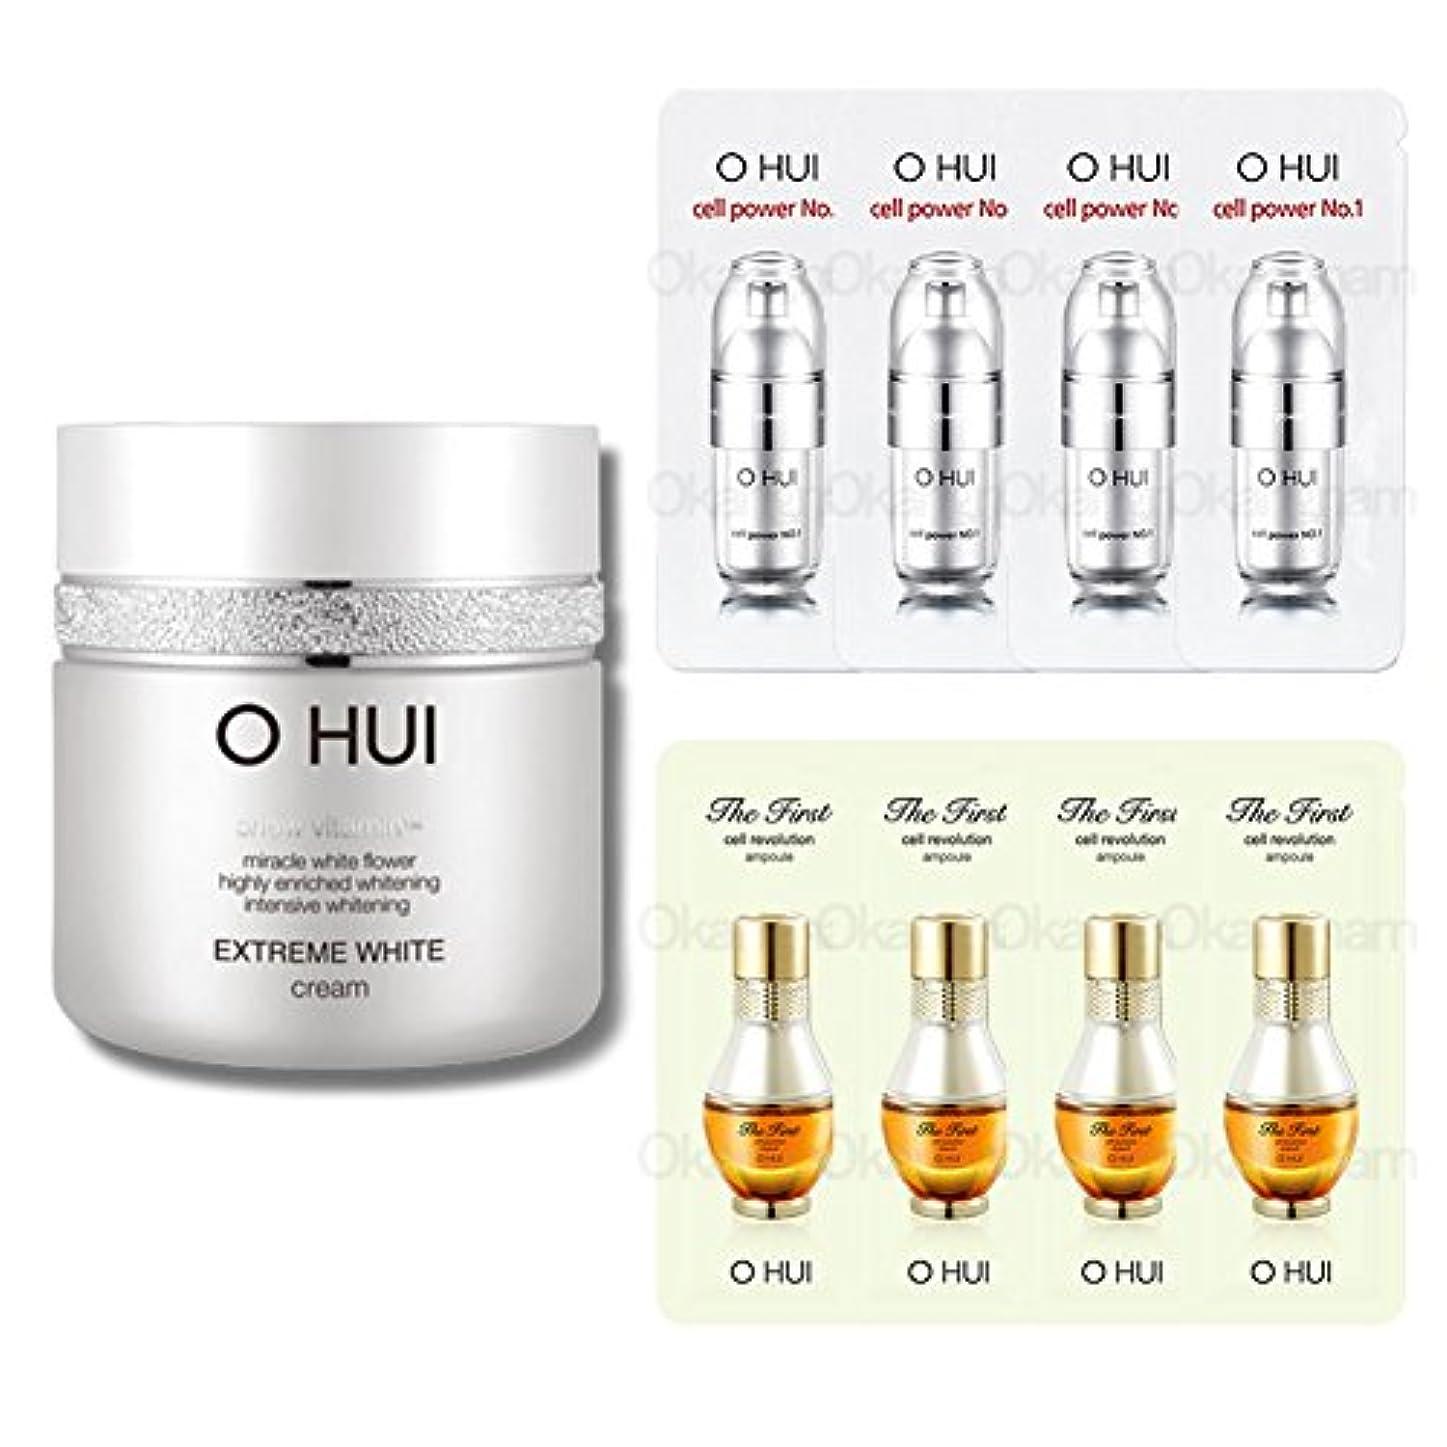 カポック畝間公[オフィ/ O HUI]韓国化粧品 LG生活健康/ OHUI OEW04 EXTREME WHITE CREAM/オフィ エクストリーム ホワイトクリーム 50ml +[Sample Gift](海外直送品)